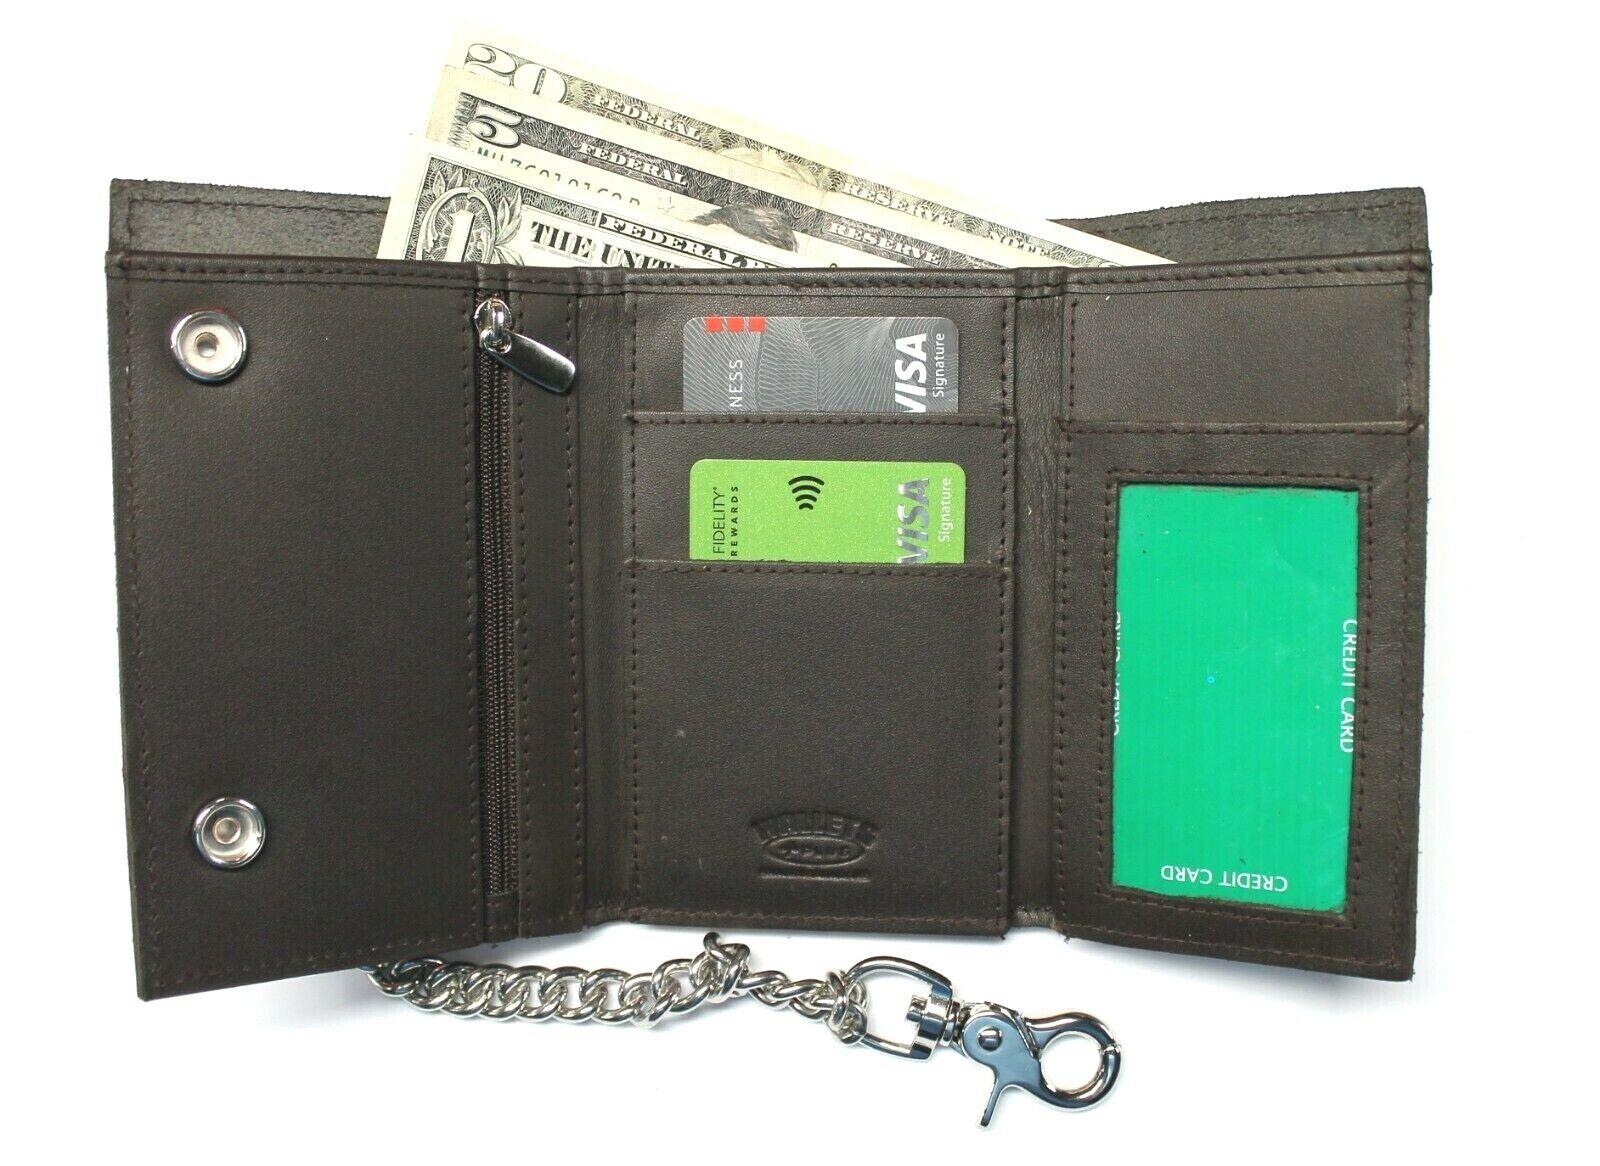 Premium Leather Trifold Biker Wallet with Chain - XL - Dark Brown